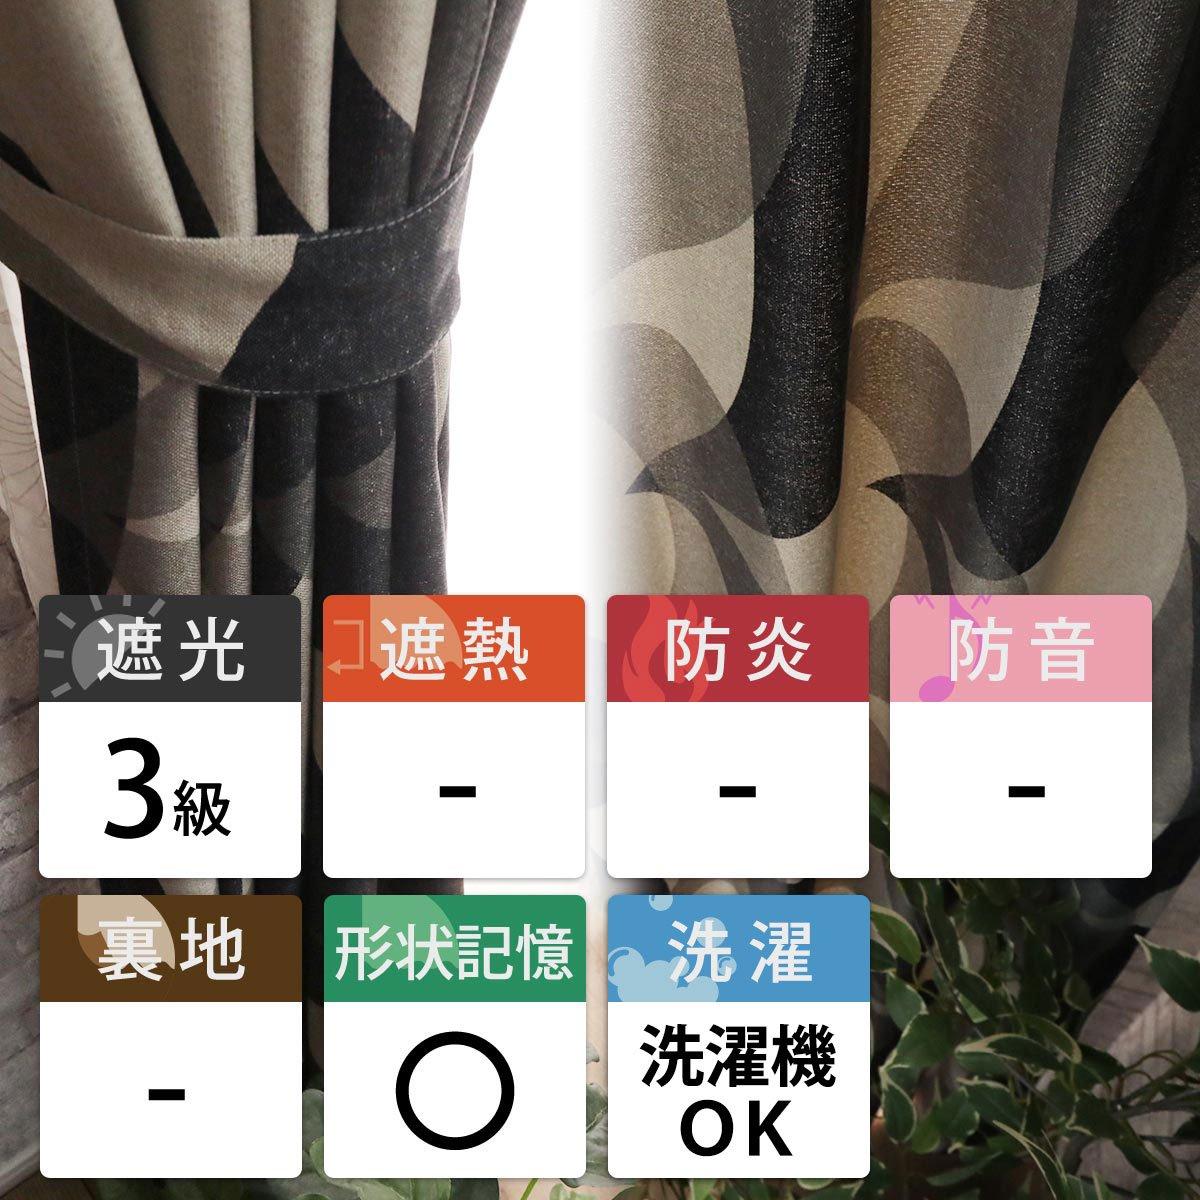 100サイズから選べる!グレーベースのモダンな柄に癒される北欧デザインカーテン 『サンタフェ』■完売